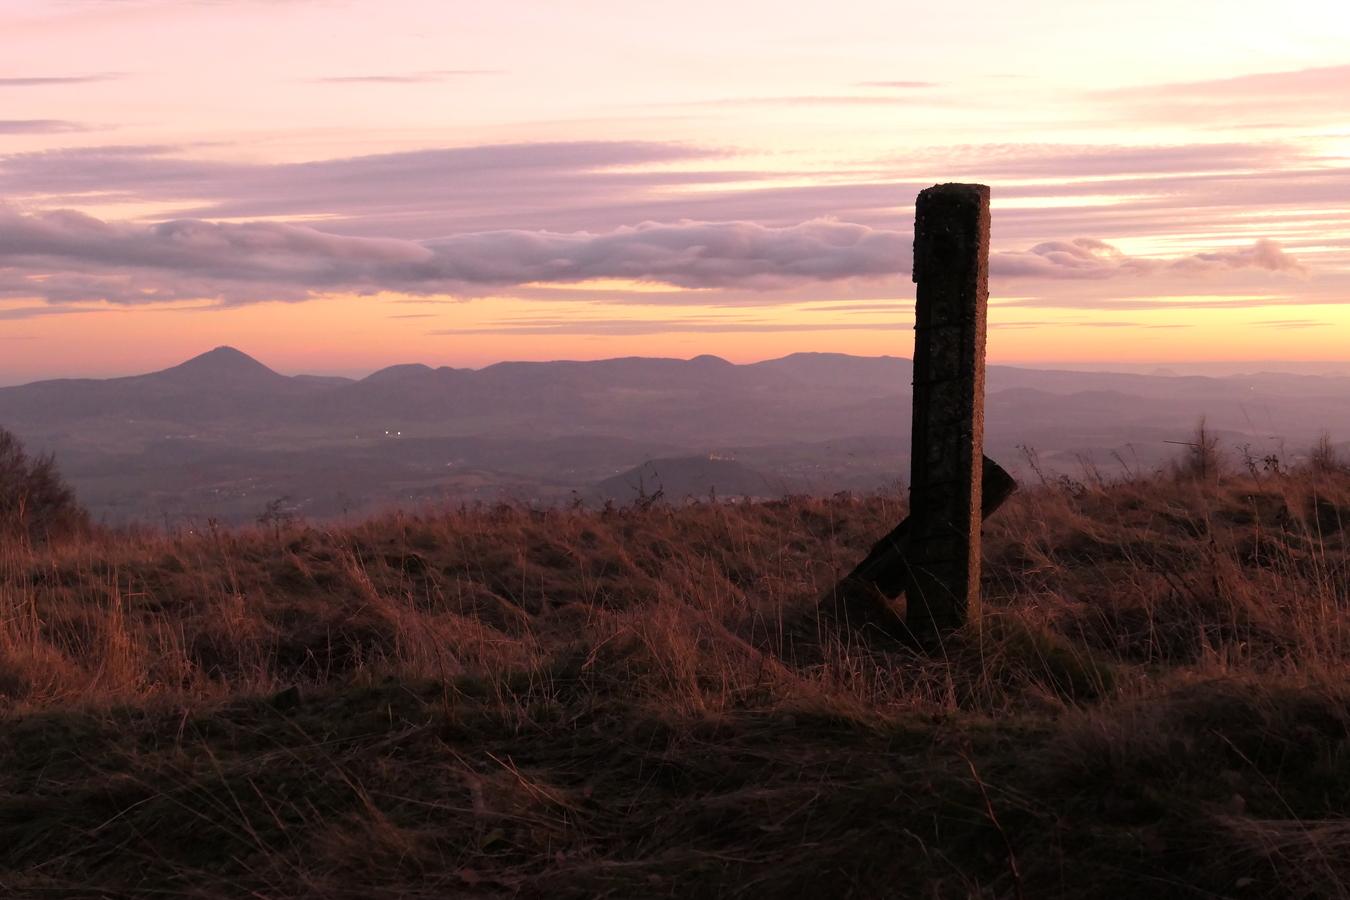 Pohled z hor po setmění